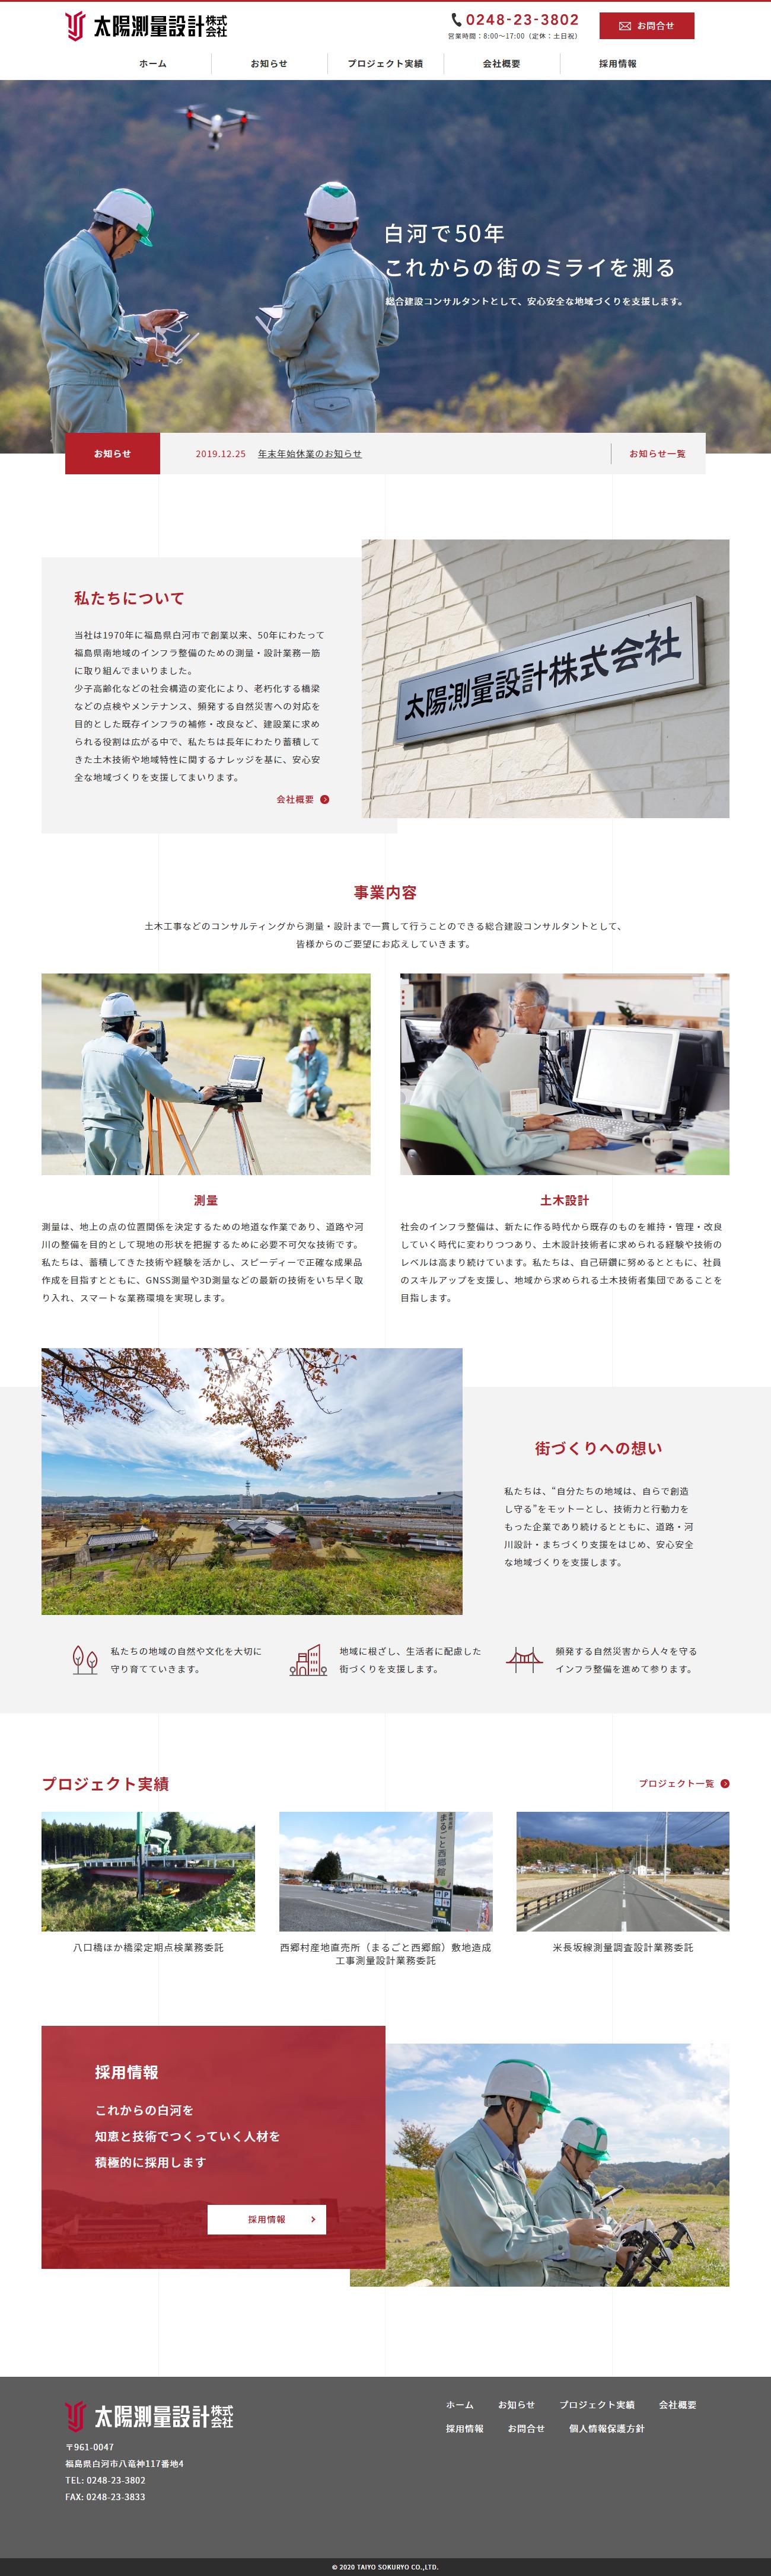 太陽測量設計株式会社の画像